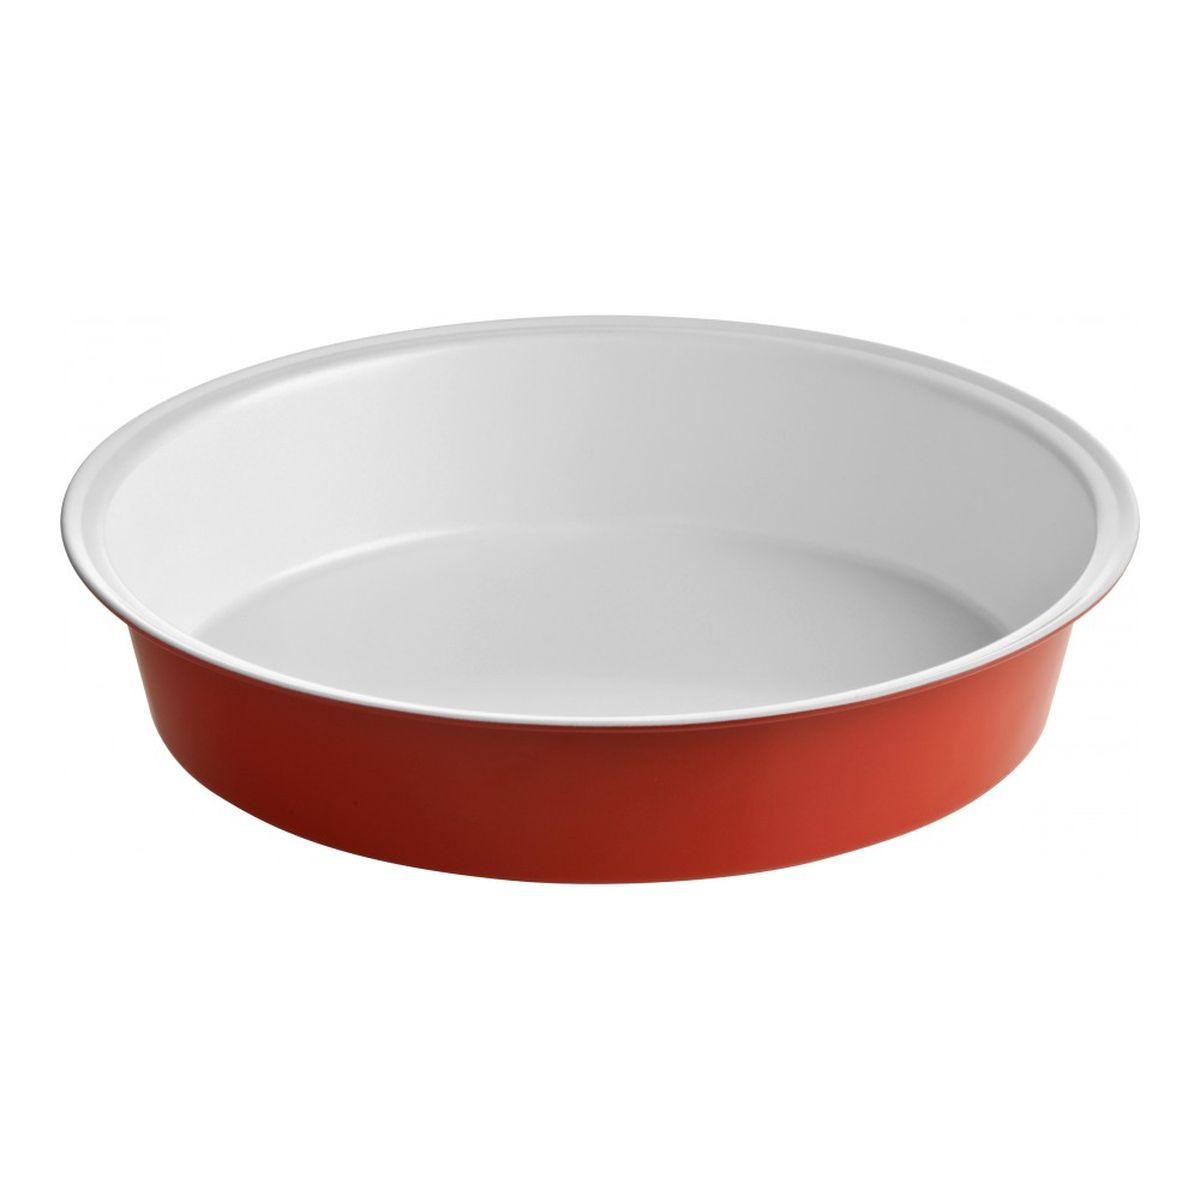 Форма для запекания Premier Housewares Eco Cook0104319Форма д/запекания Eco Cook с КЕРАМИЧ.покр. круглая глубокая